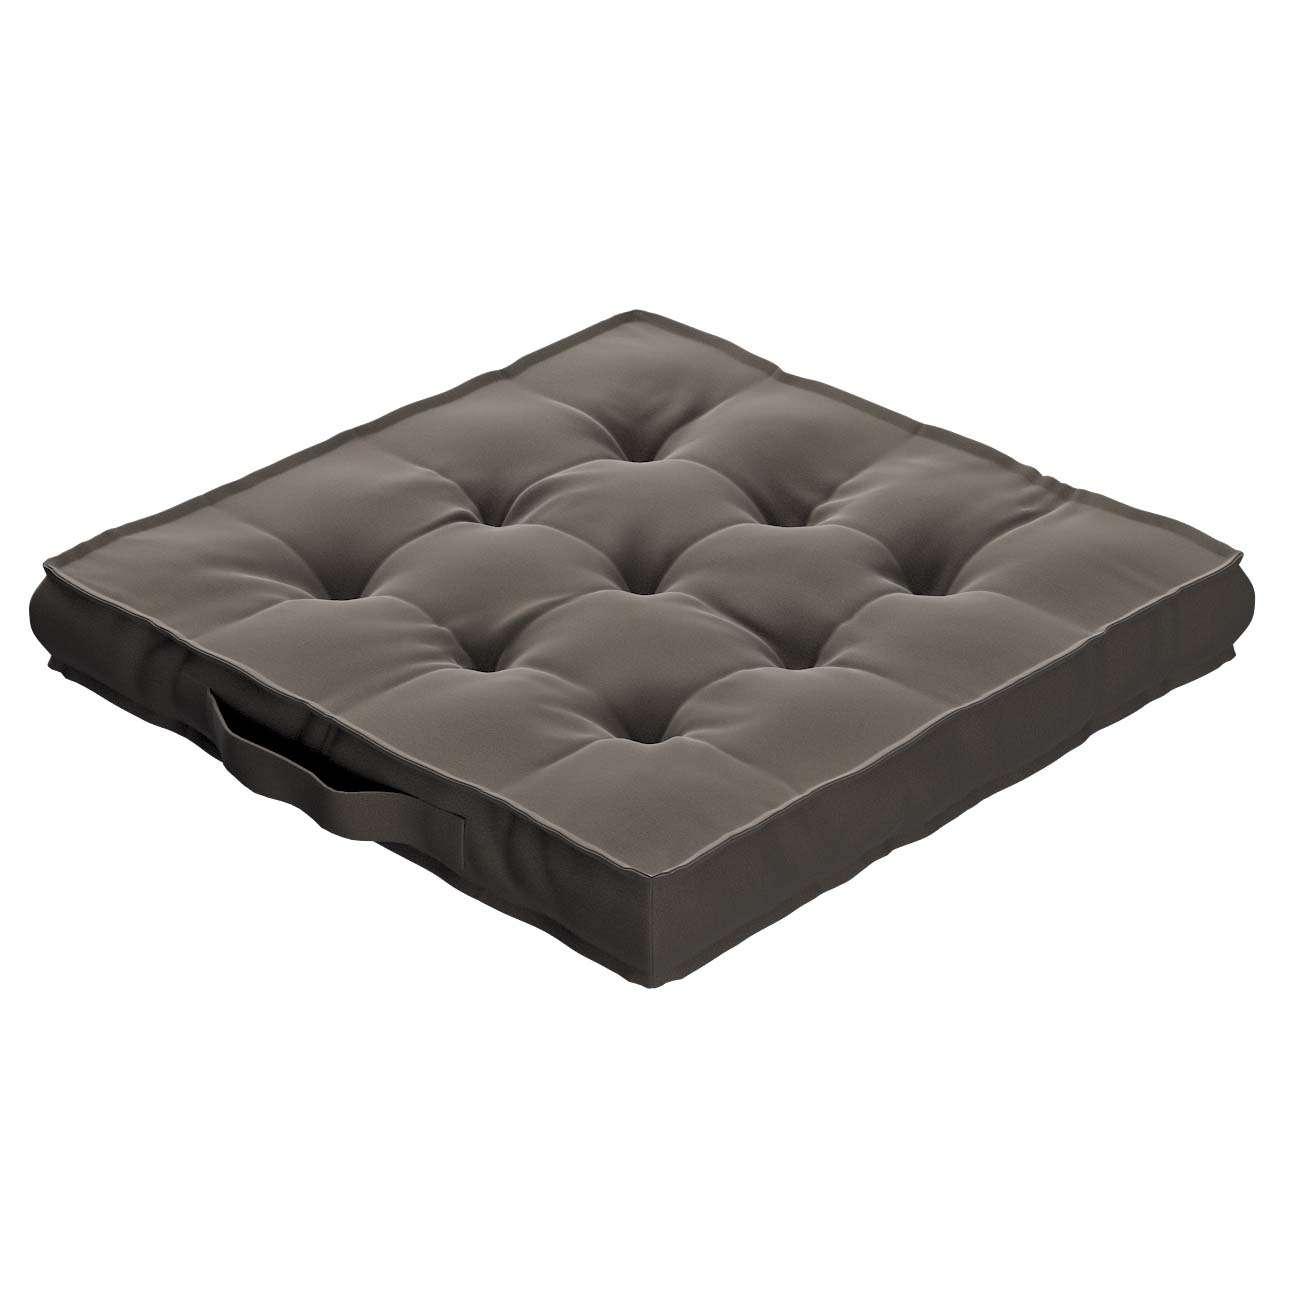 Siedzisko Kuba na krzesło w kolekcji Velvet, tkanina: 704-19